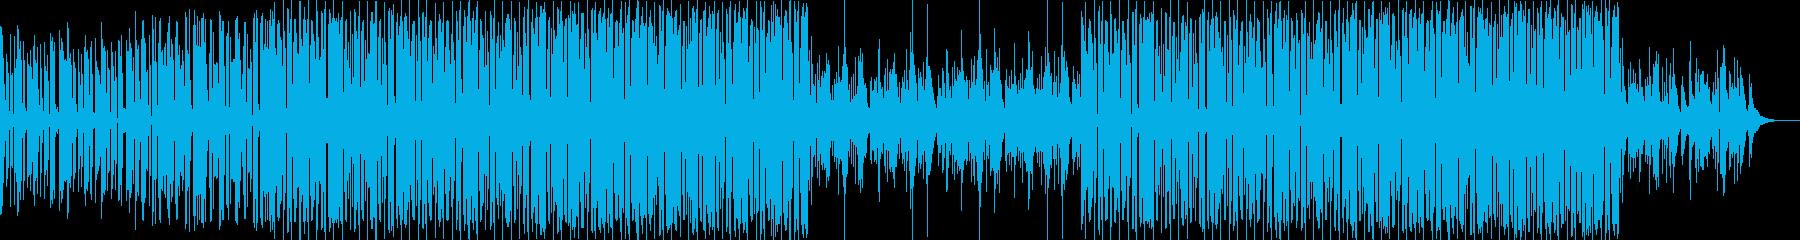 bpm108-あなたに夢中な情熱のEDMの再生済みの波形